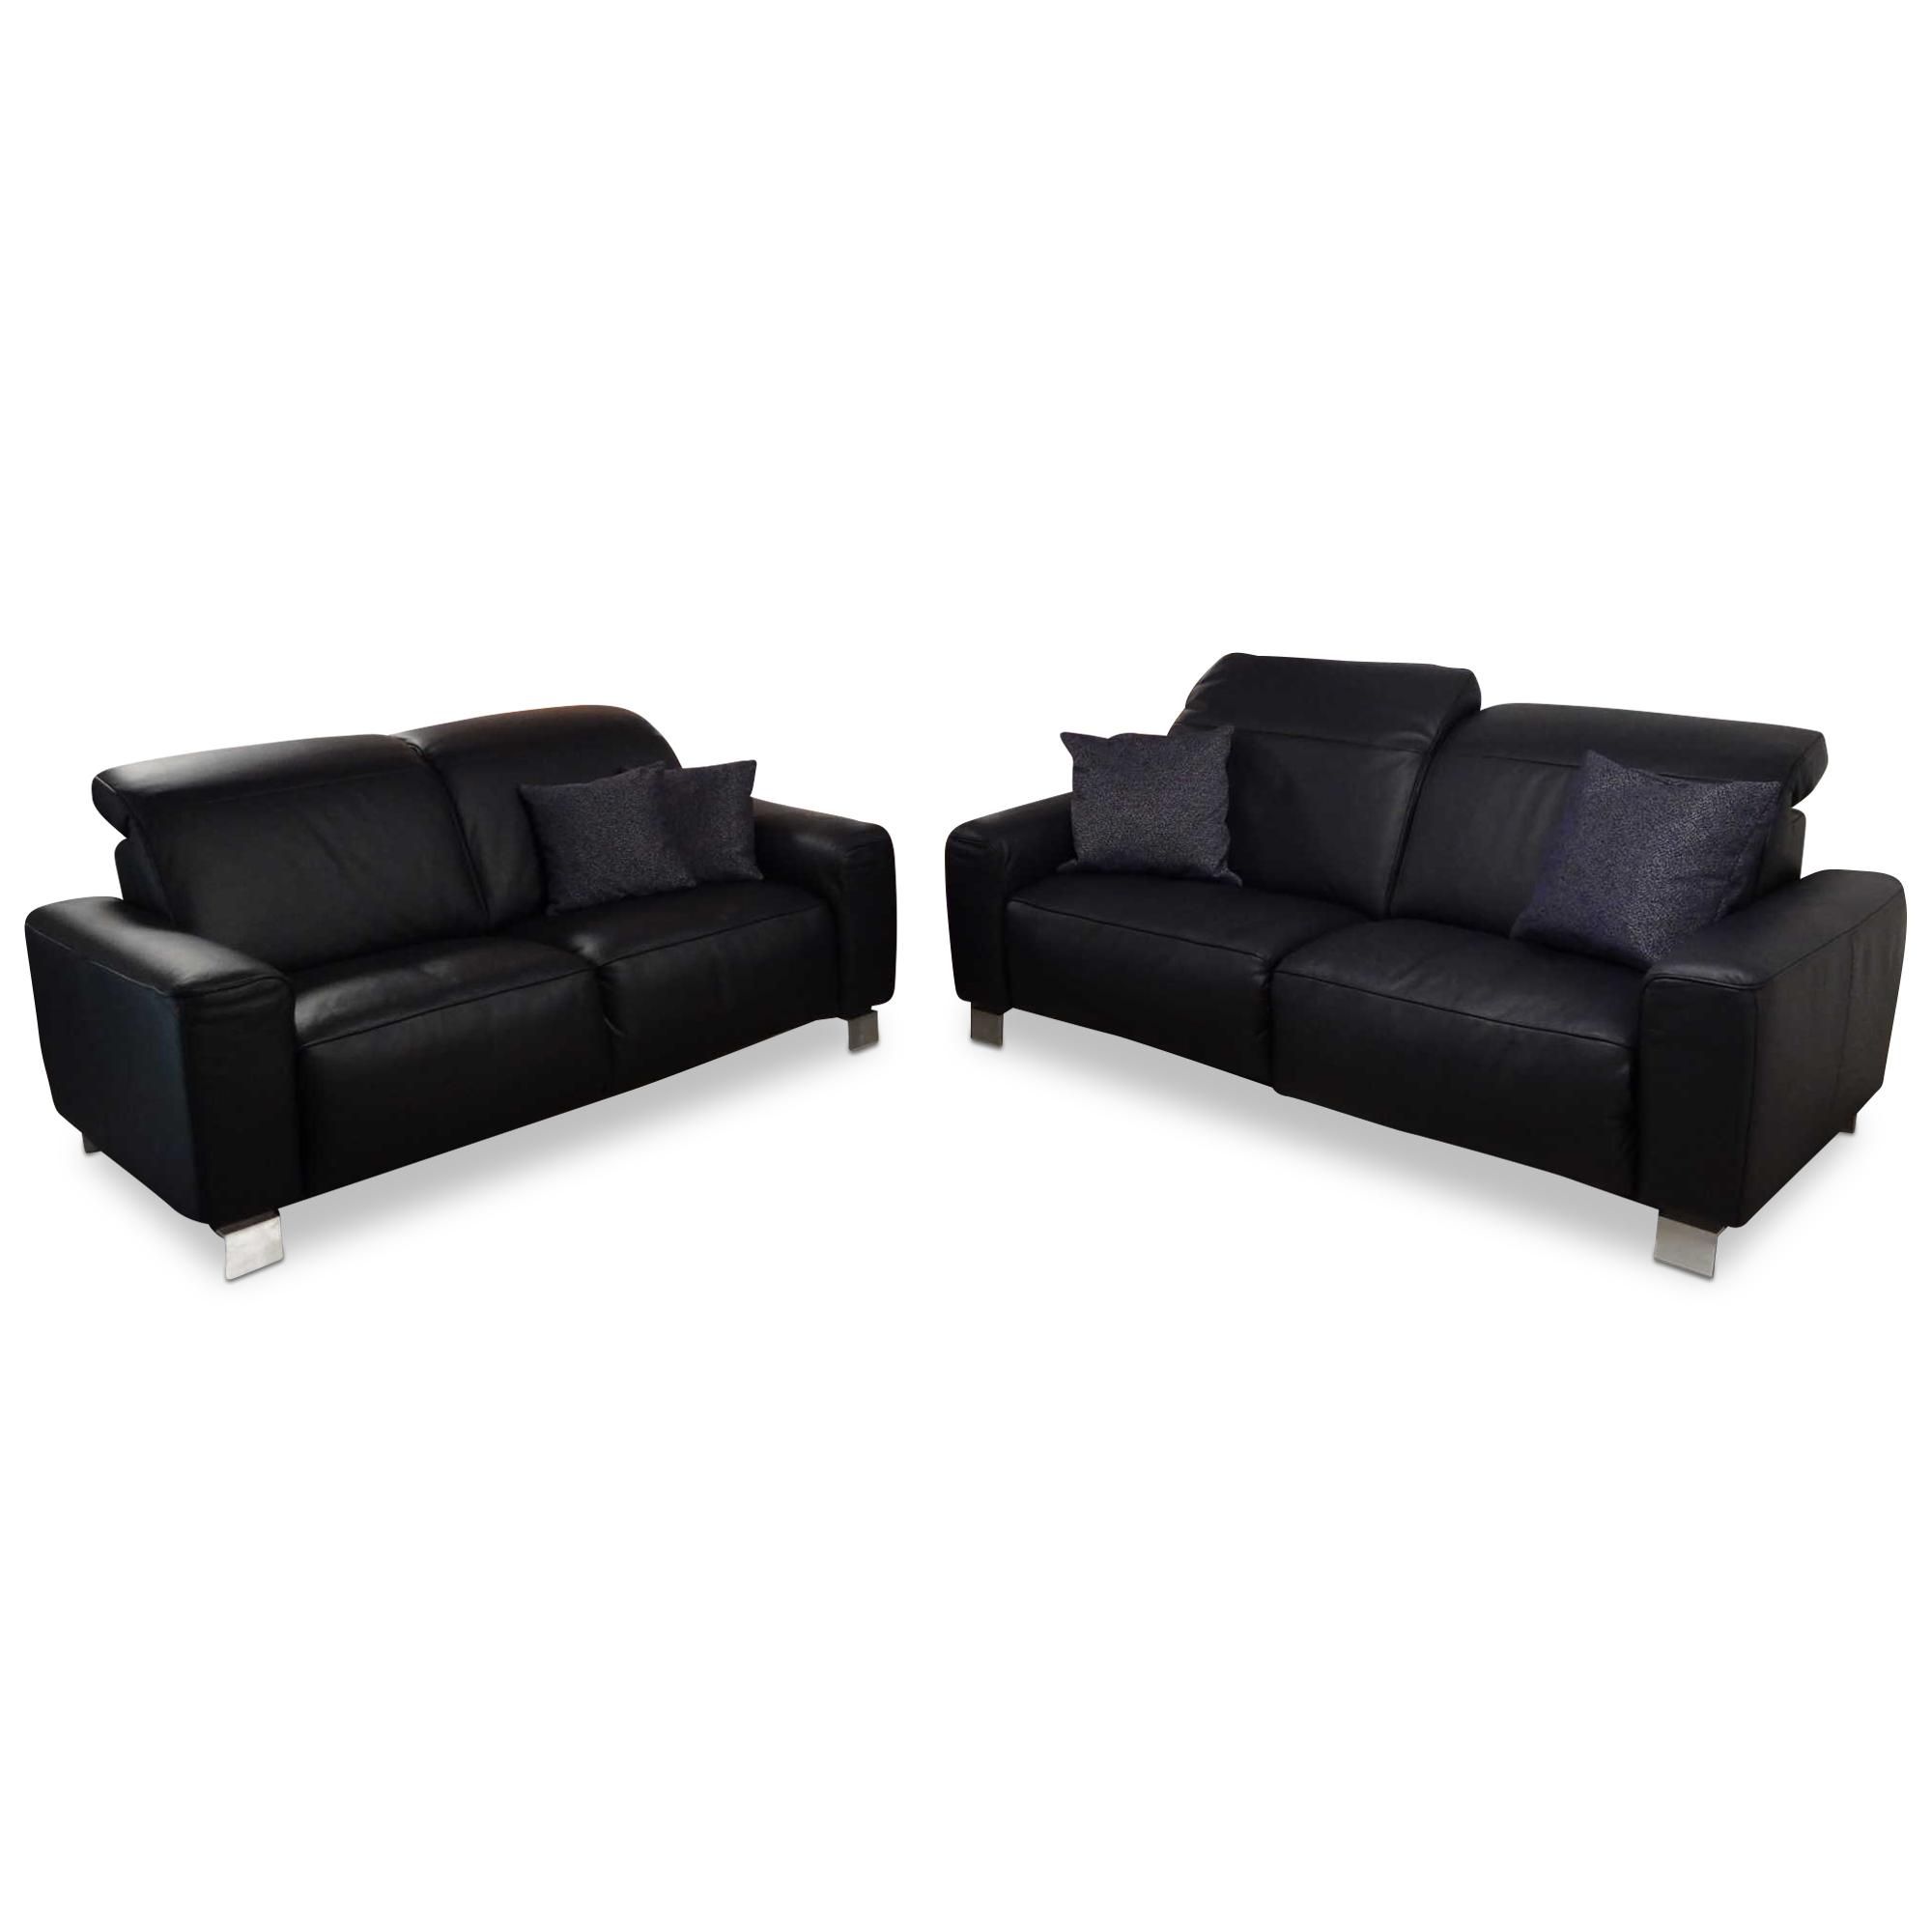 garnitur 6070 2 5 sitzer 2 sitzer musterring sofas g nstig kaufen m belfirst. Black Bedroom Furniture Sets. Home Design Ideas